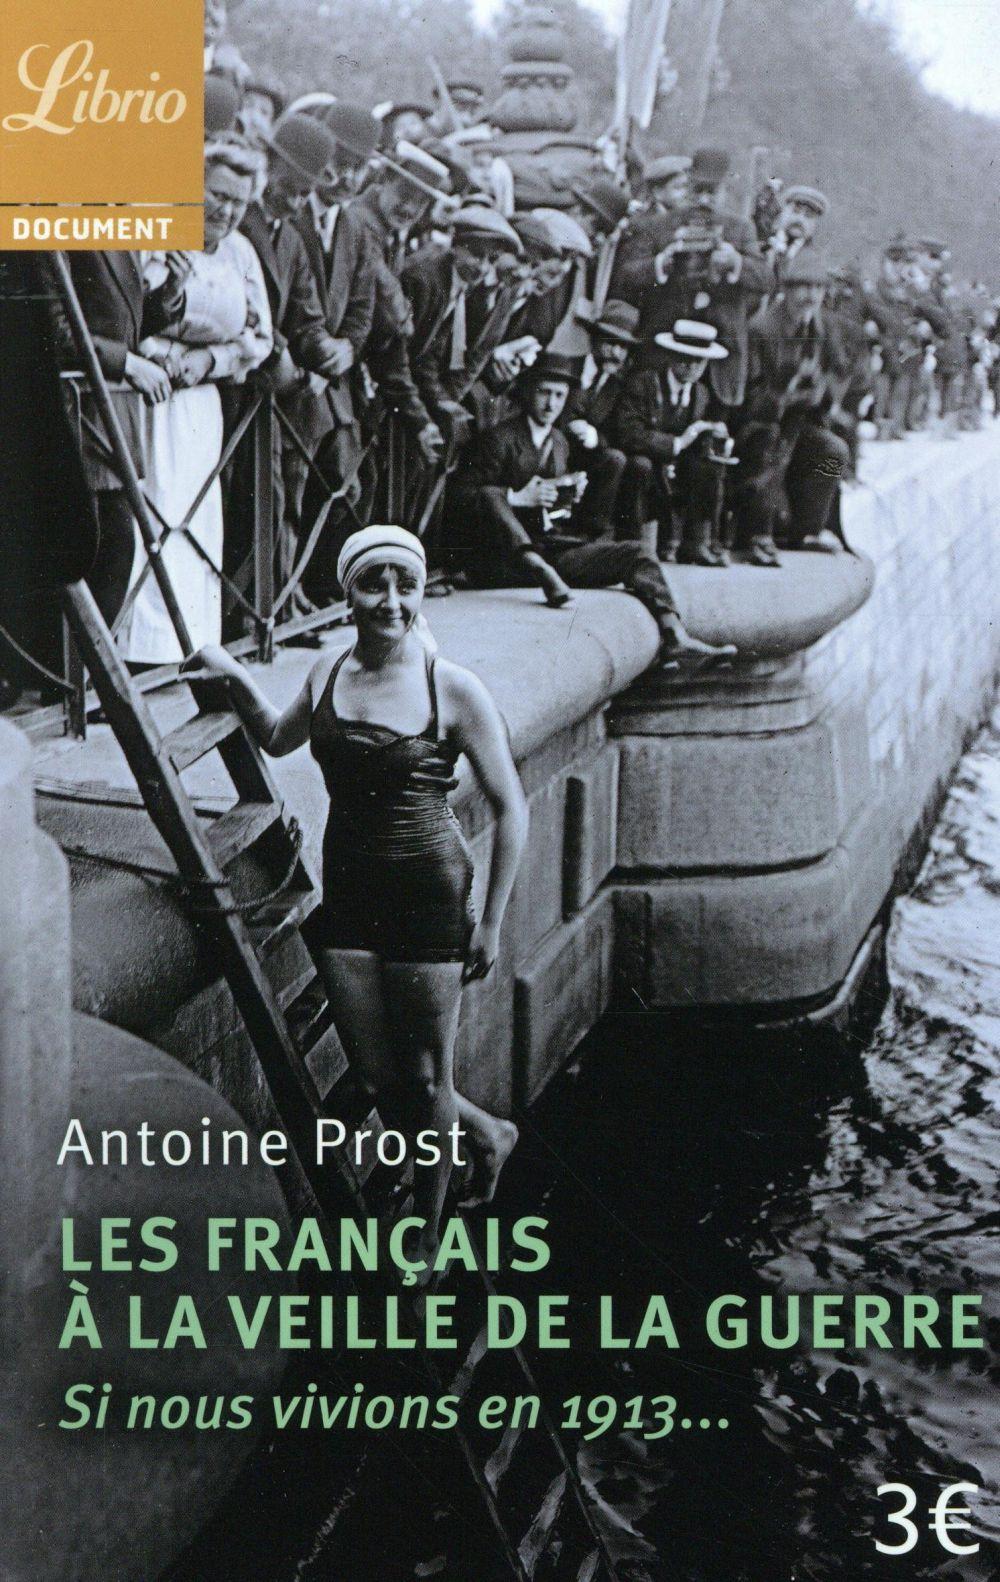 LES FRANCAIS A LA VEILLE DE LA GUERRE